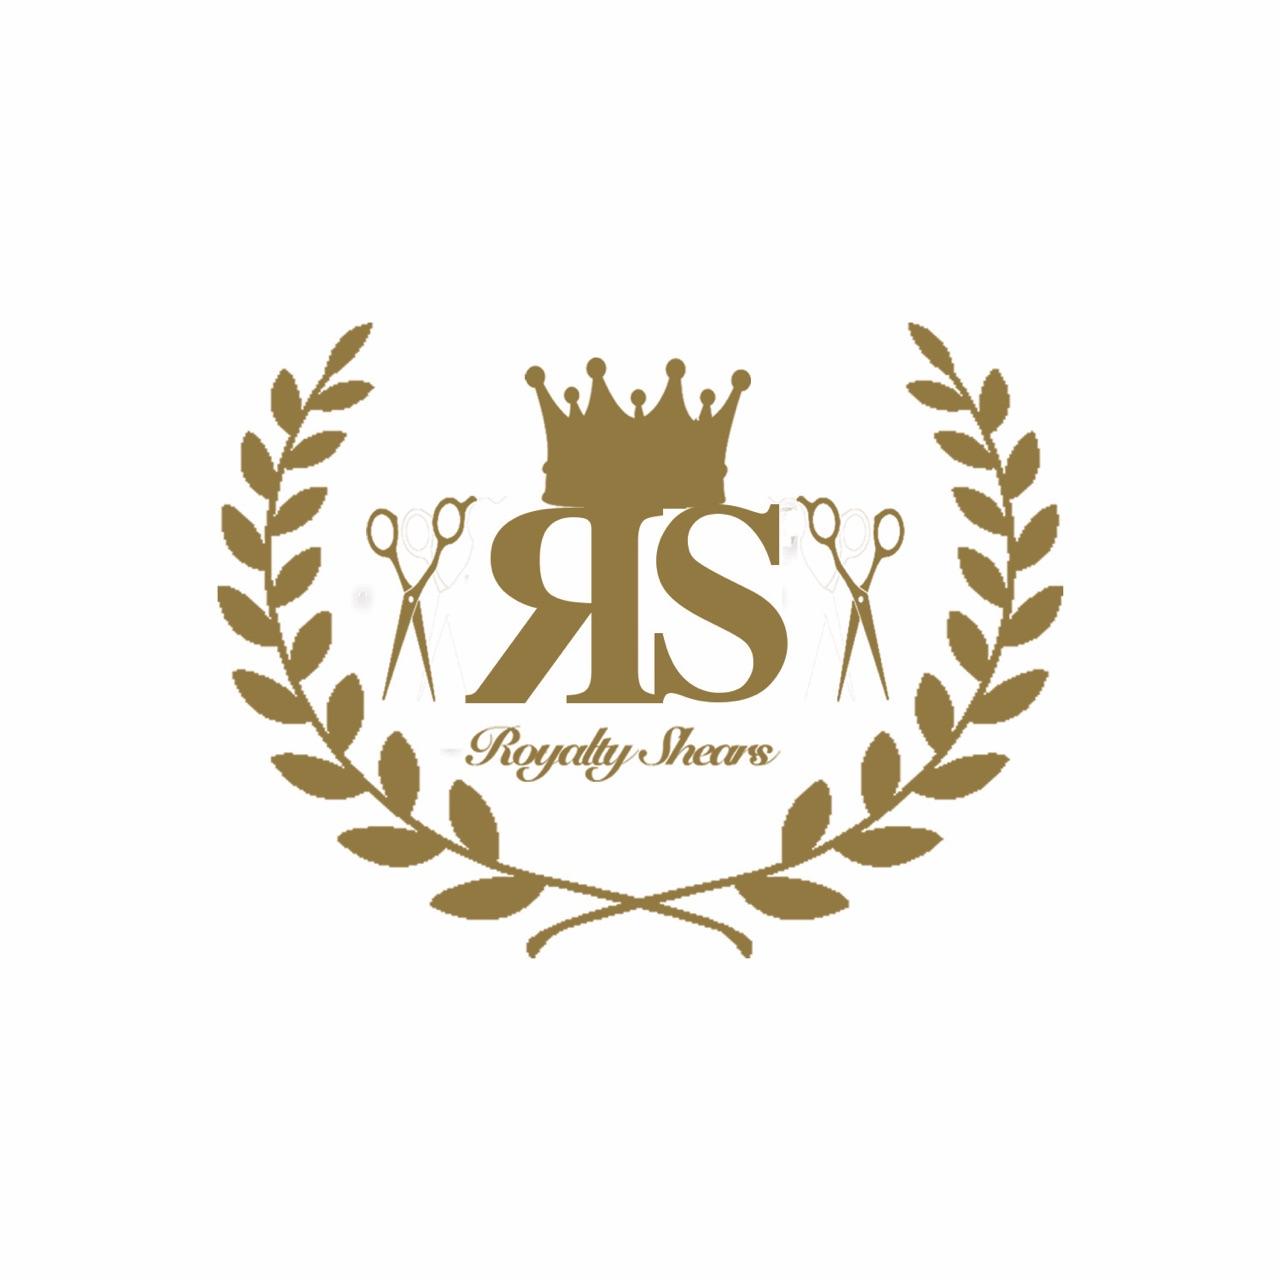 royalty shears.jpg[1112]